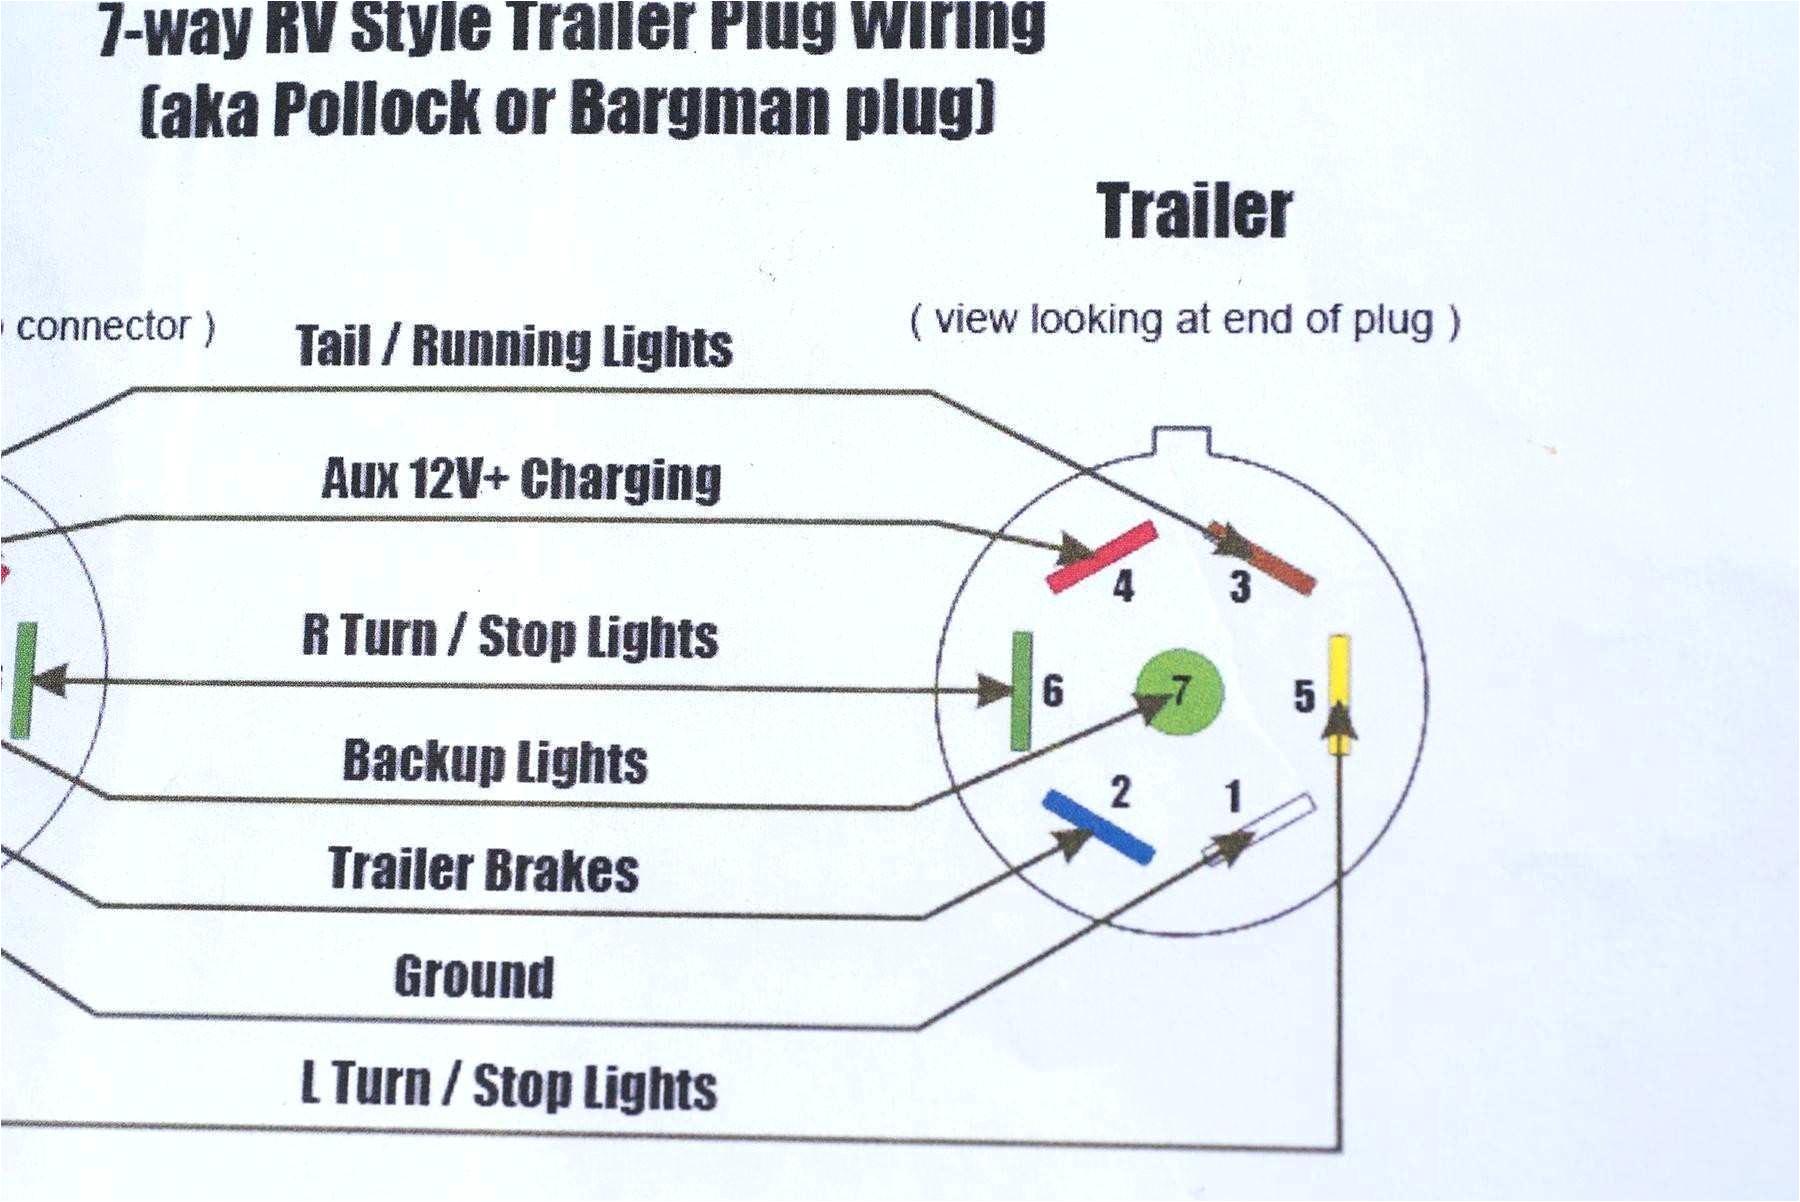 trailer wiring diagram 13 way wiring diagram fascinating 7 way trailer plug wiring diagram contrail trailer